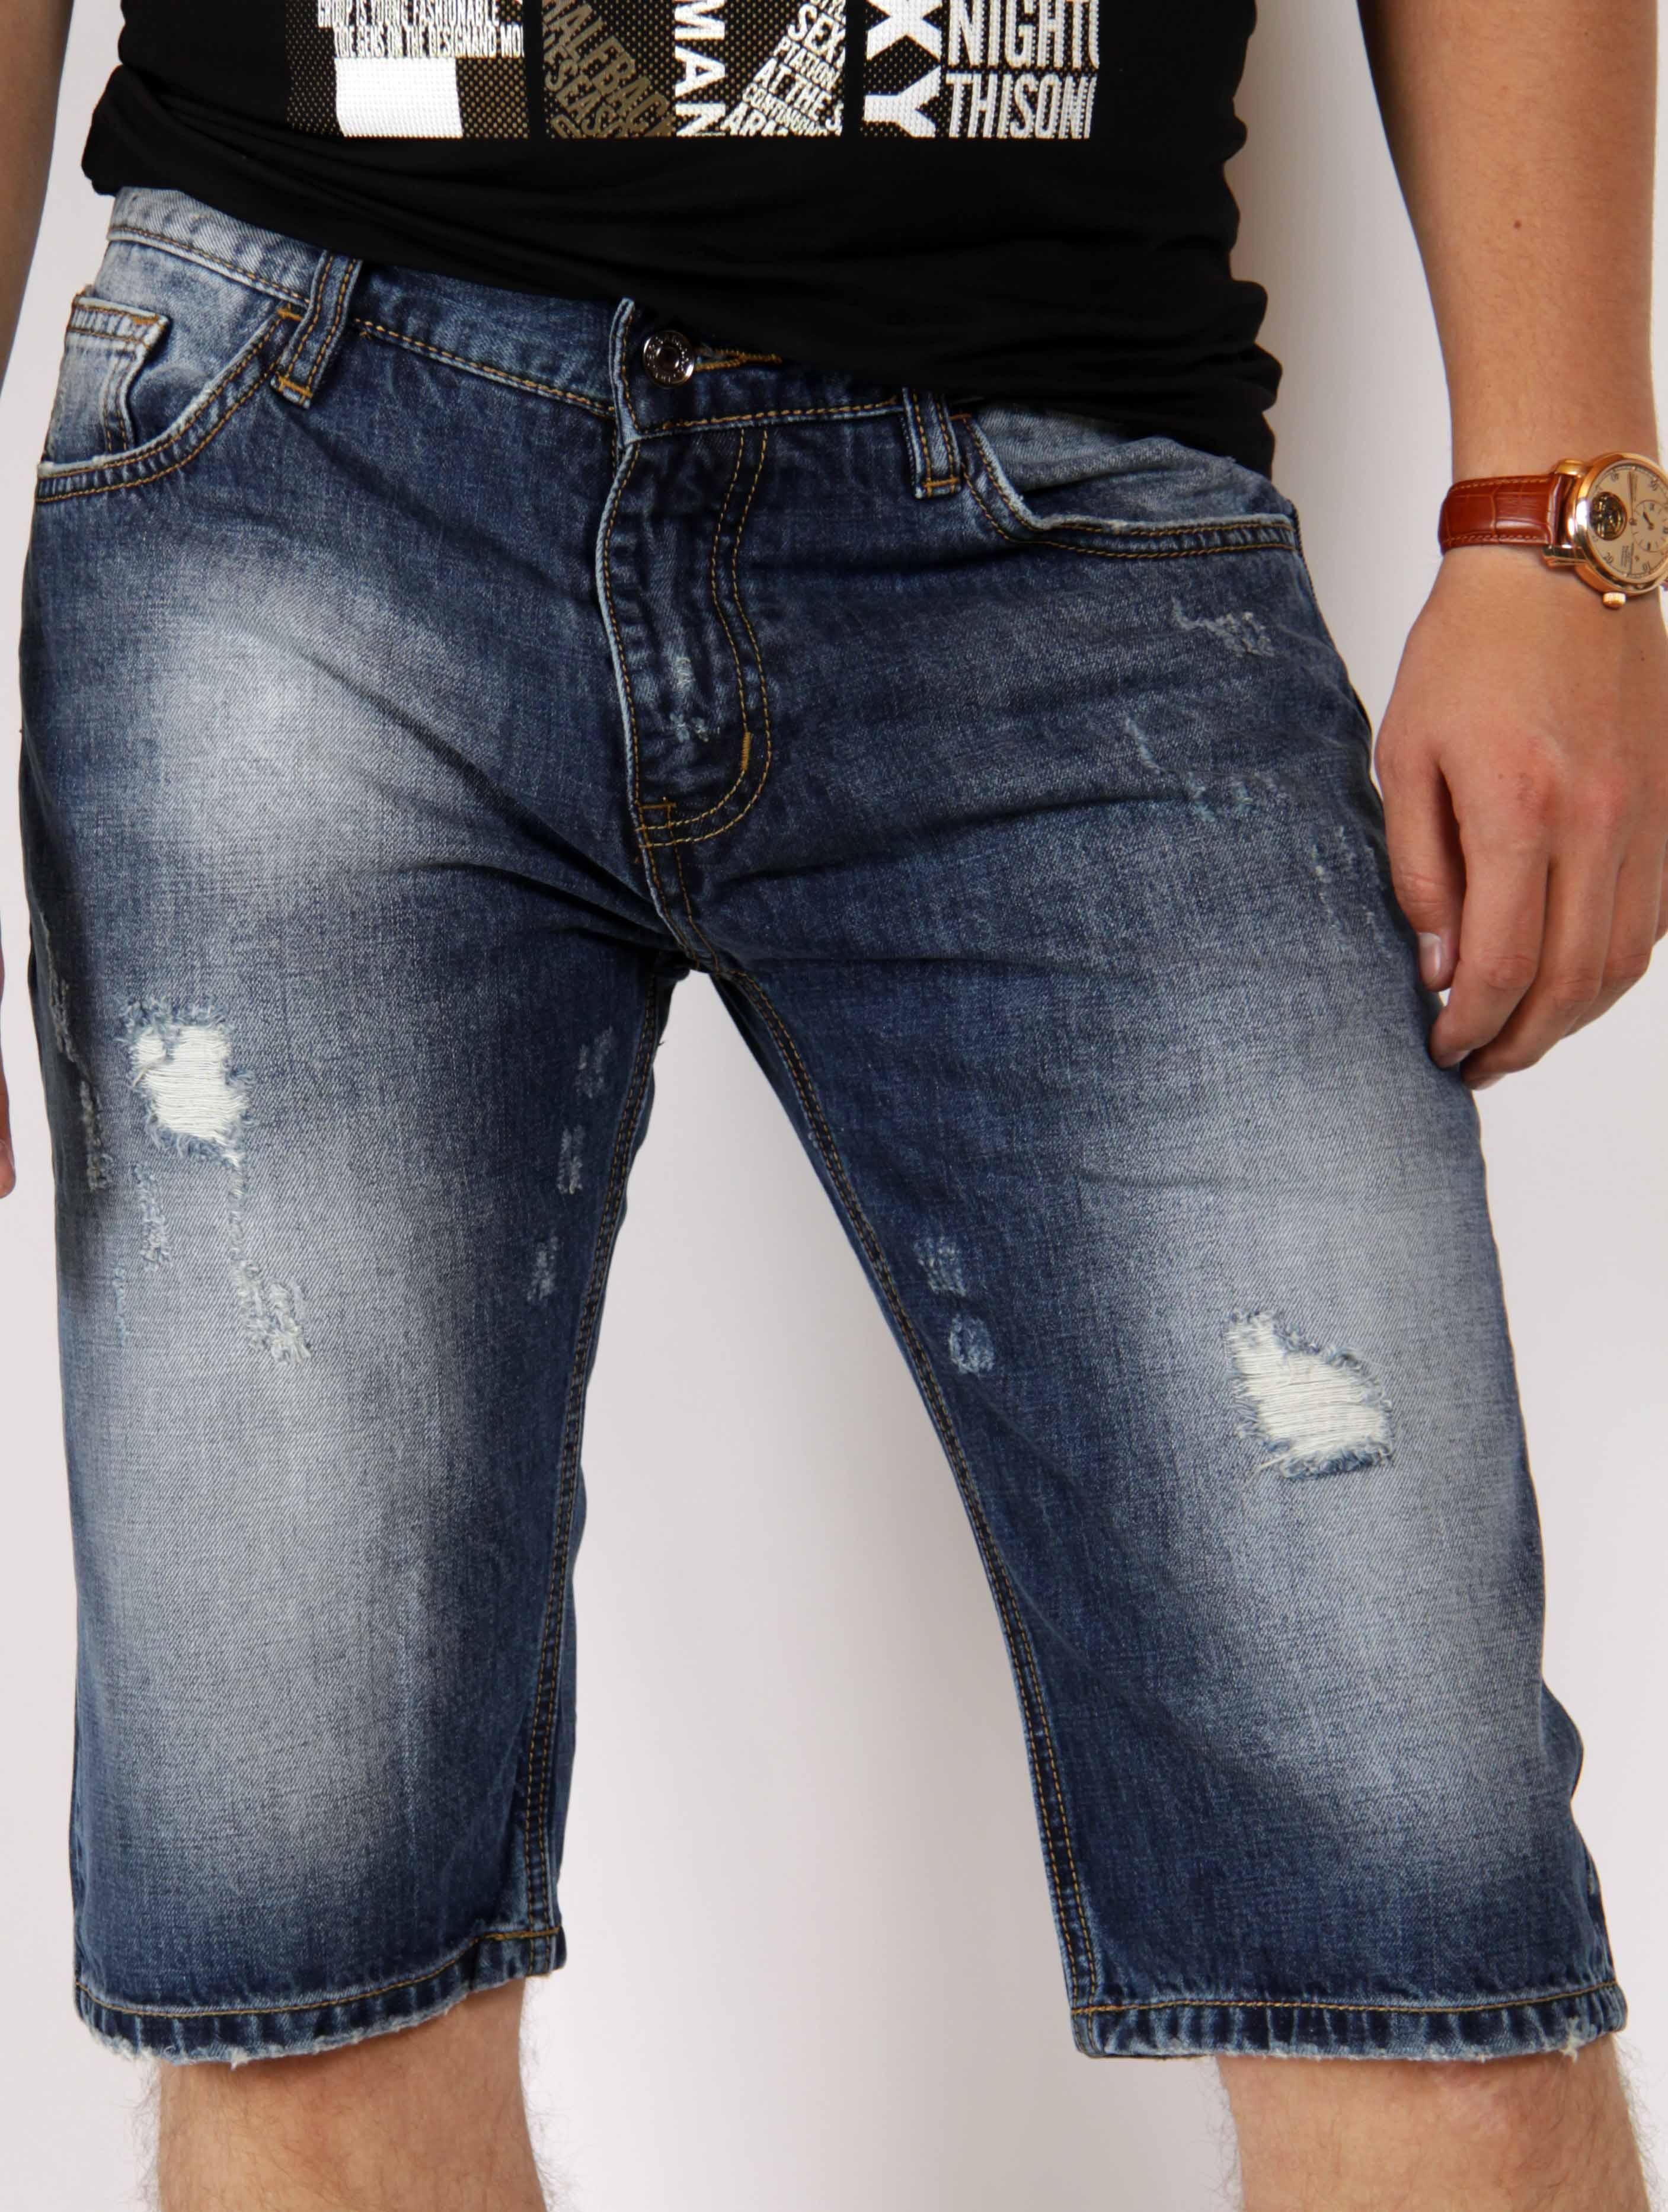 50 Идей, как из джинс сделать модные шорты Пошаговые фото 83